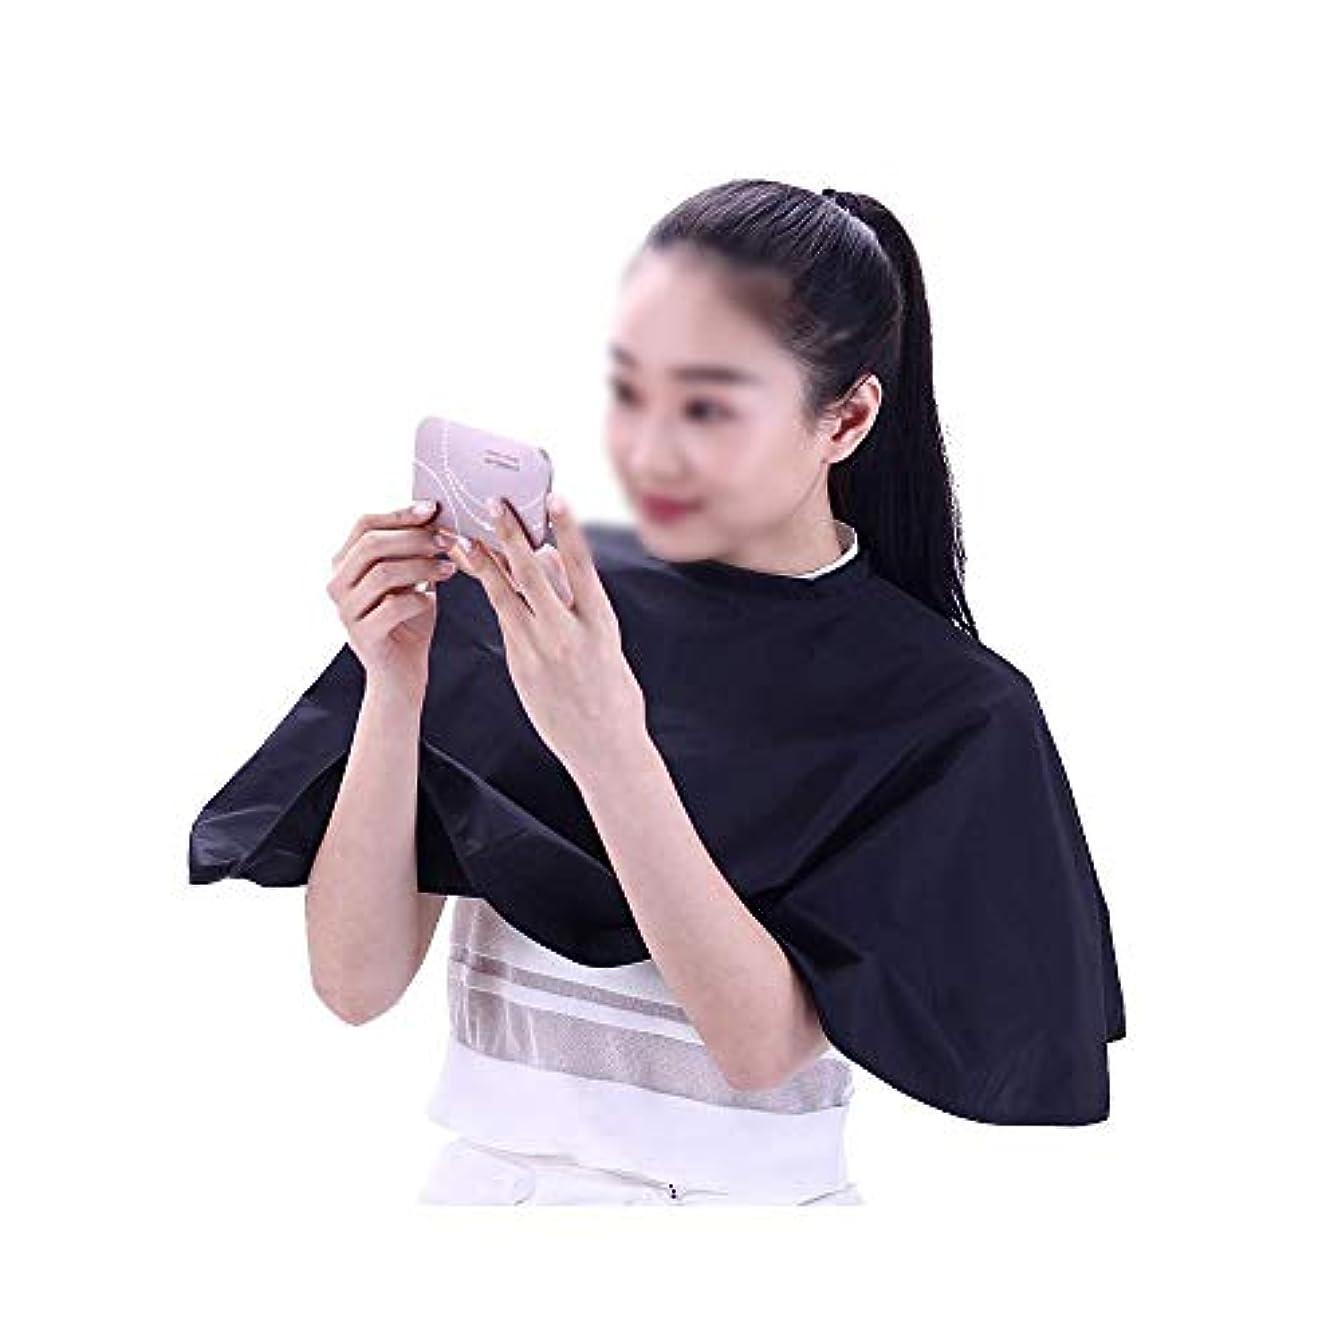 完璧な隠タイルヘアカットとヘアスタイリングサロンの美容師のヘアカットカラー用ラバーネックカバーガード、 モデリングツール (色 : 黒)